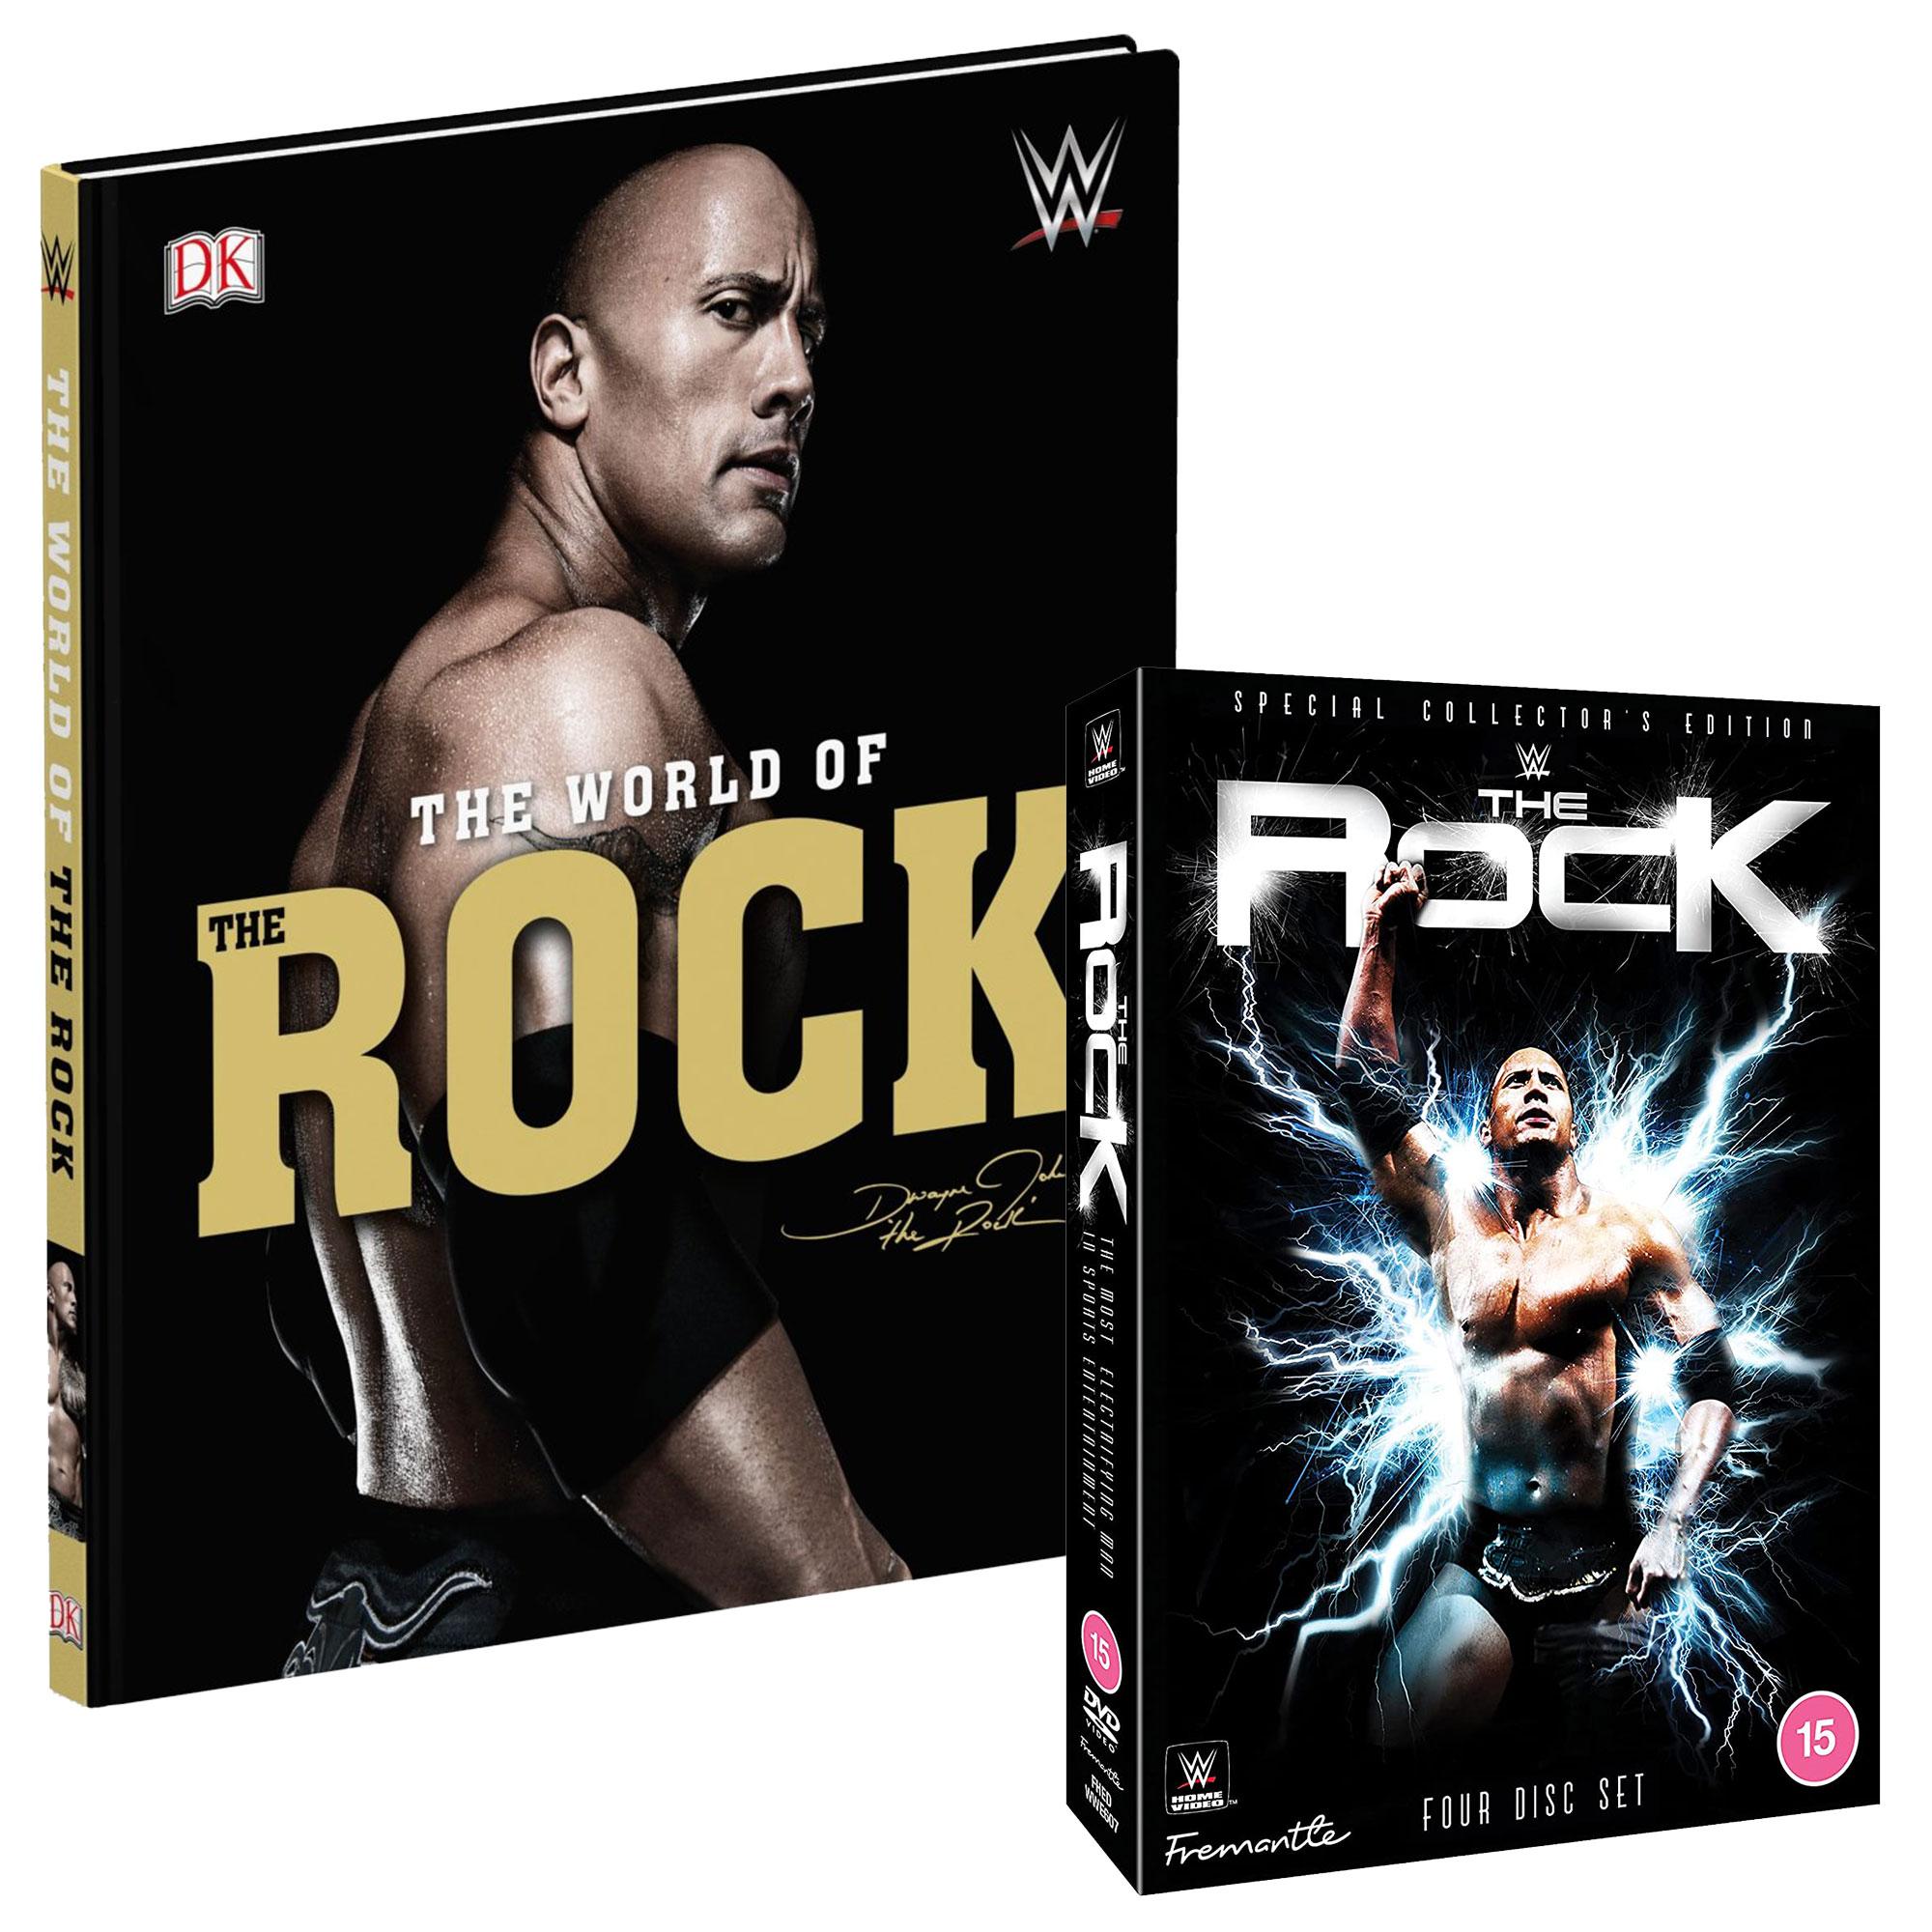 the-rock-dvd-book-bundle.jpg